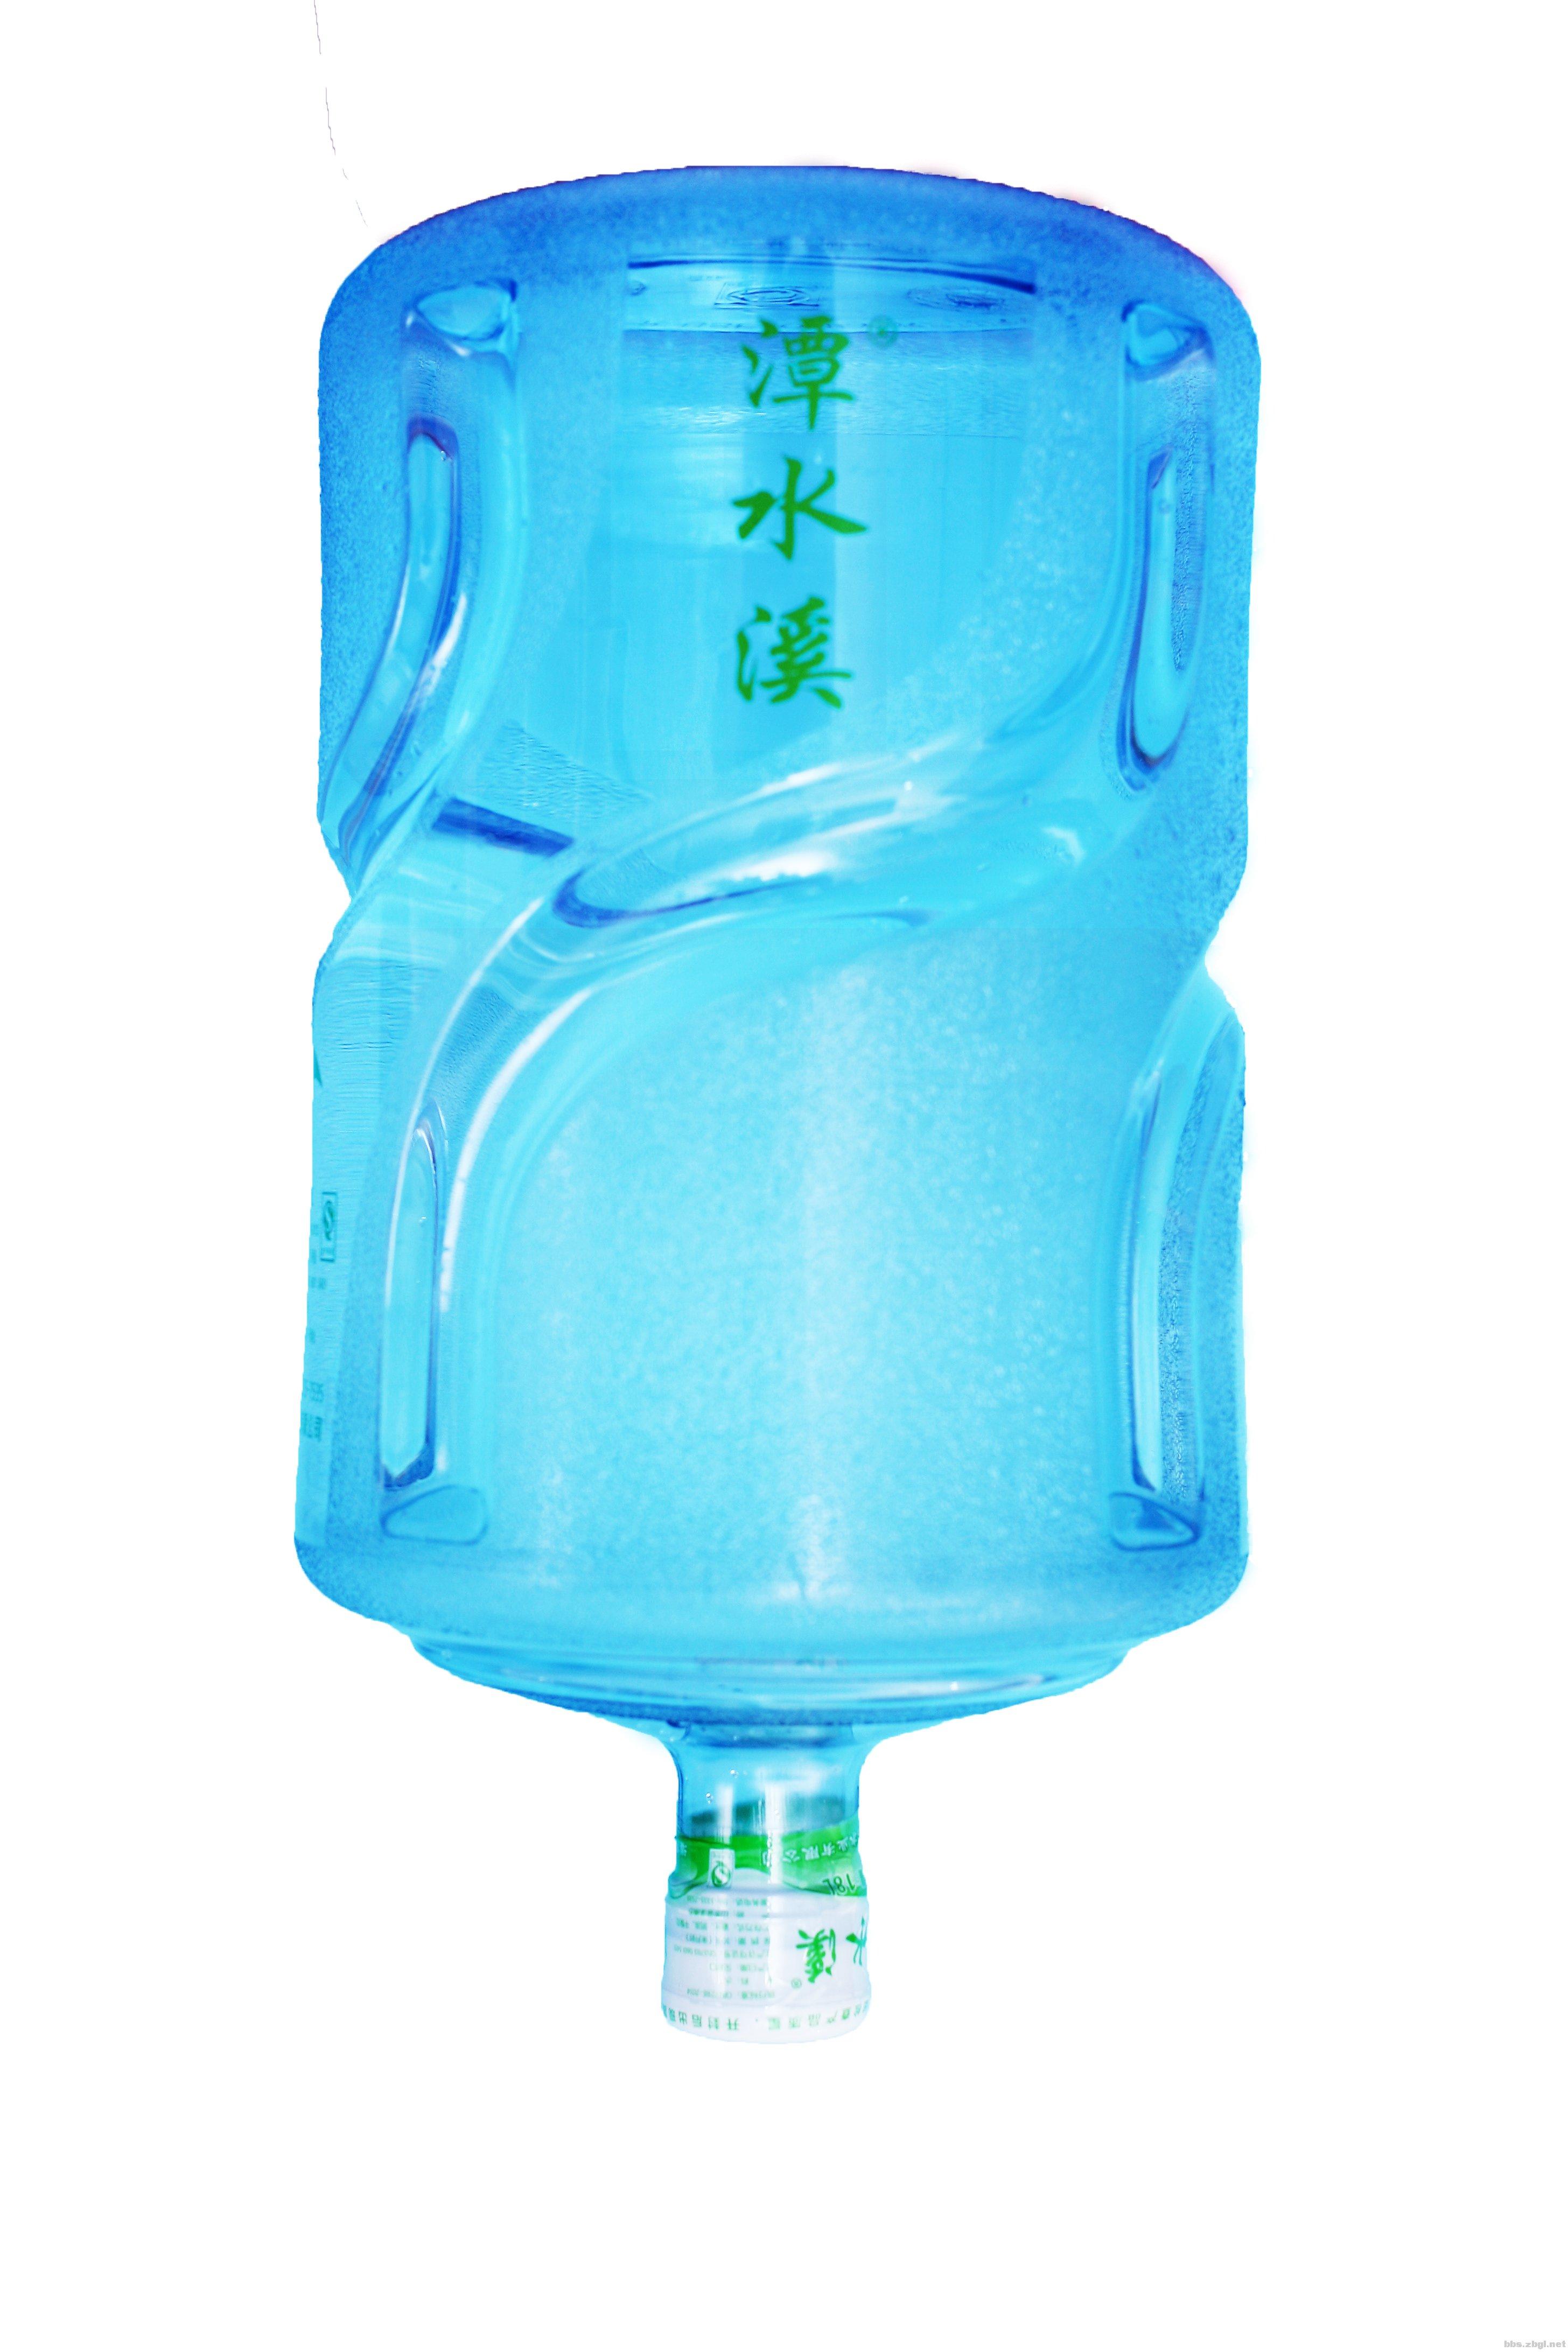 潭水溪桶装水【1#】